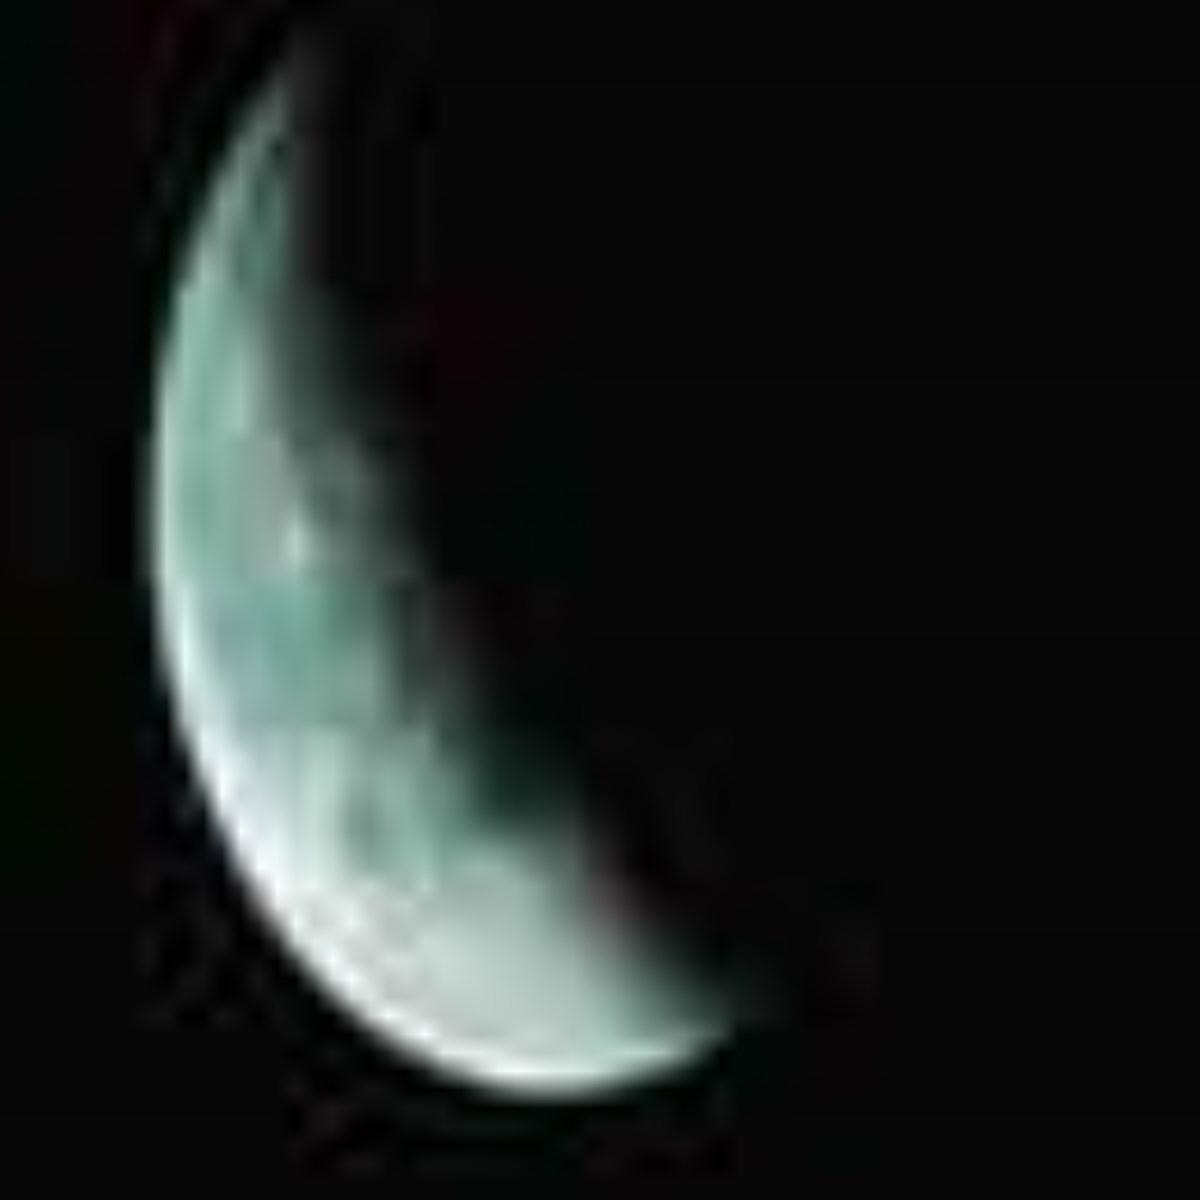 ماه عامل افزایش طول شبانه روز